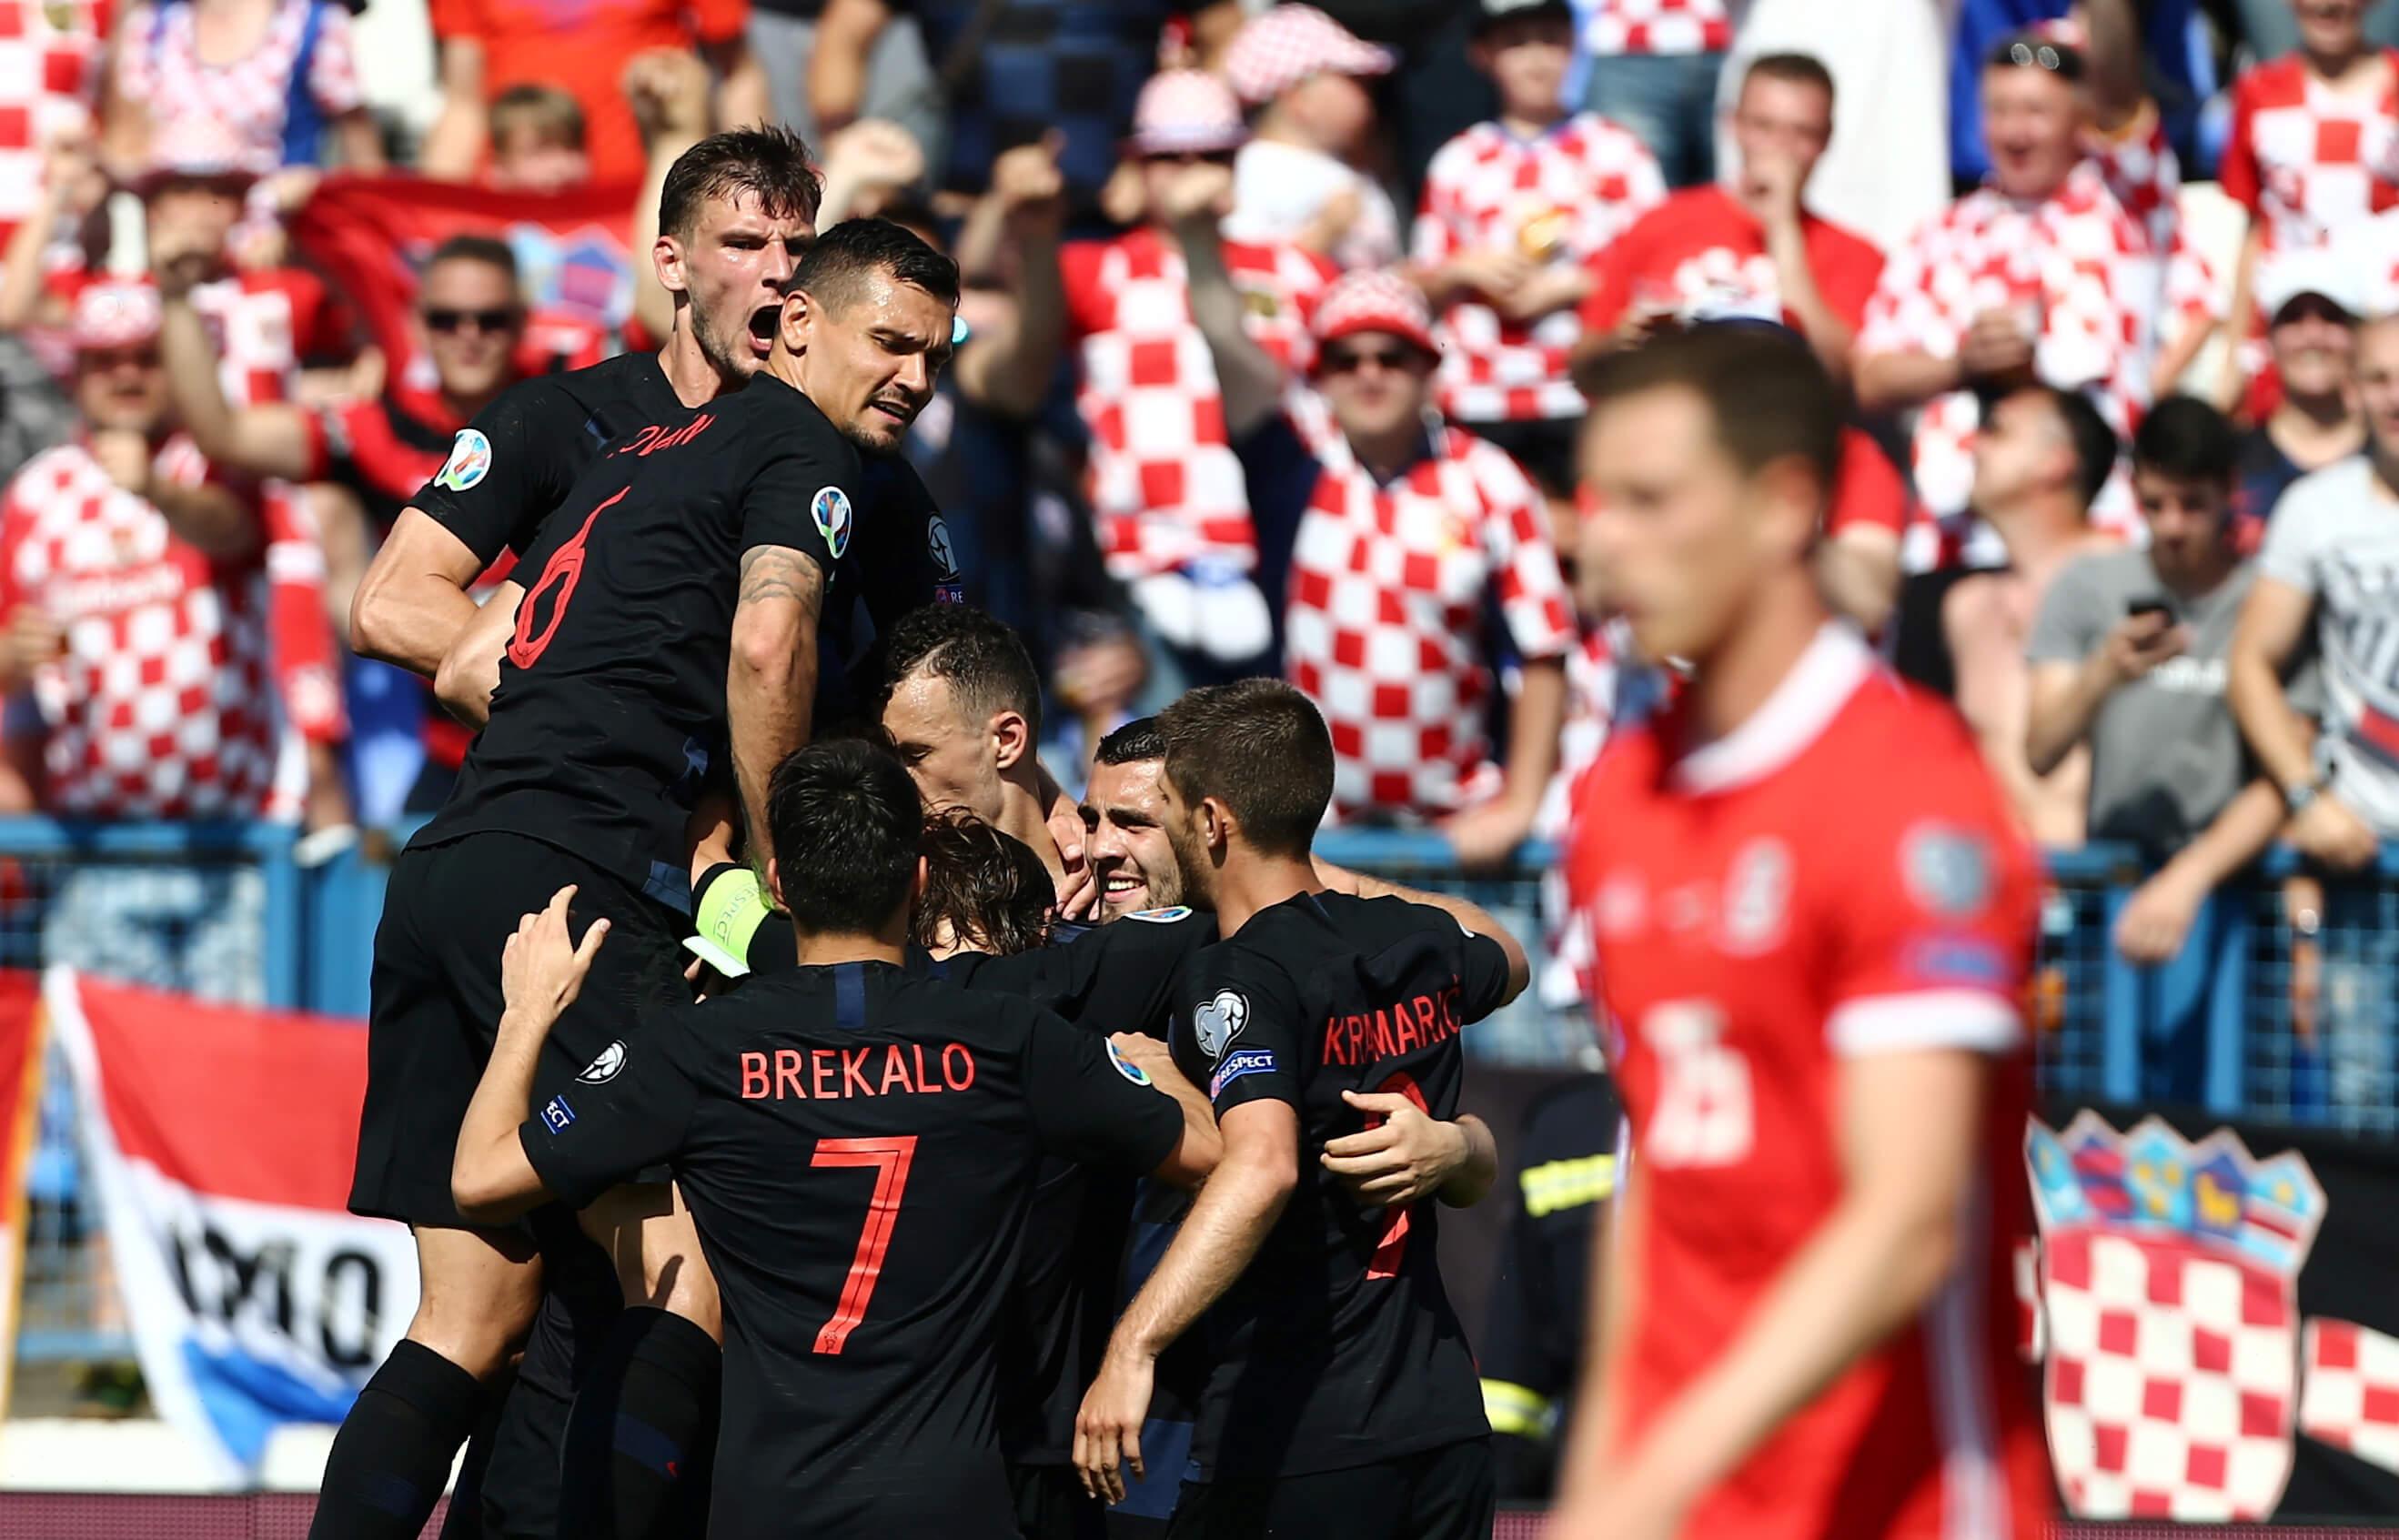 Δυσκολεύτηκε η Κροατία! Με γκολάρα η Ισλανδία – video